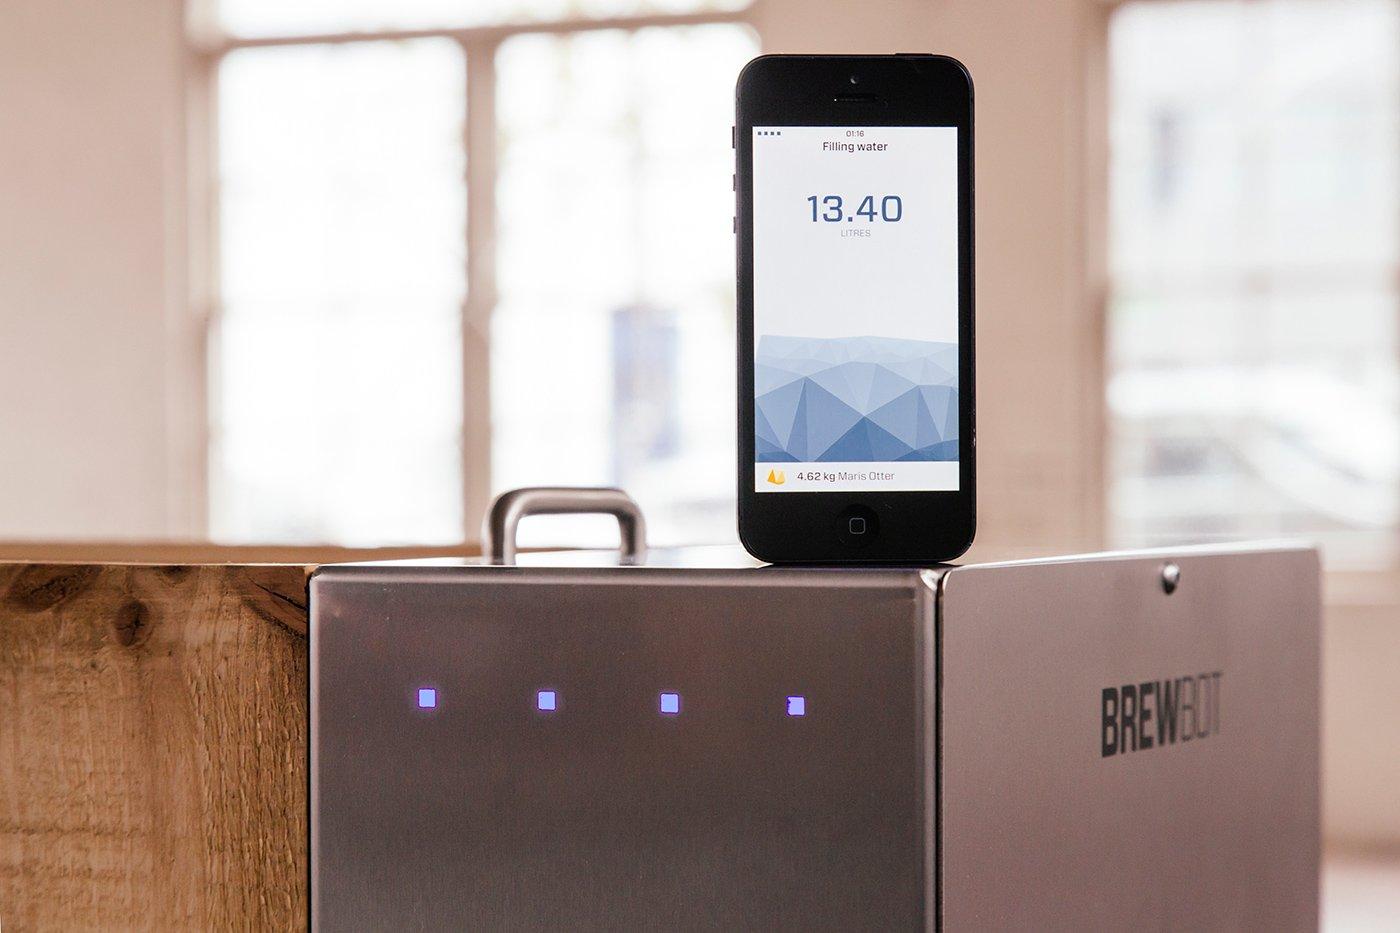 Die App fürs Bierbrauen: Mit dem Smartphone steuert der Nutzer den Brau-Prozess in den neuen irischen Bierroboter Brewbot.